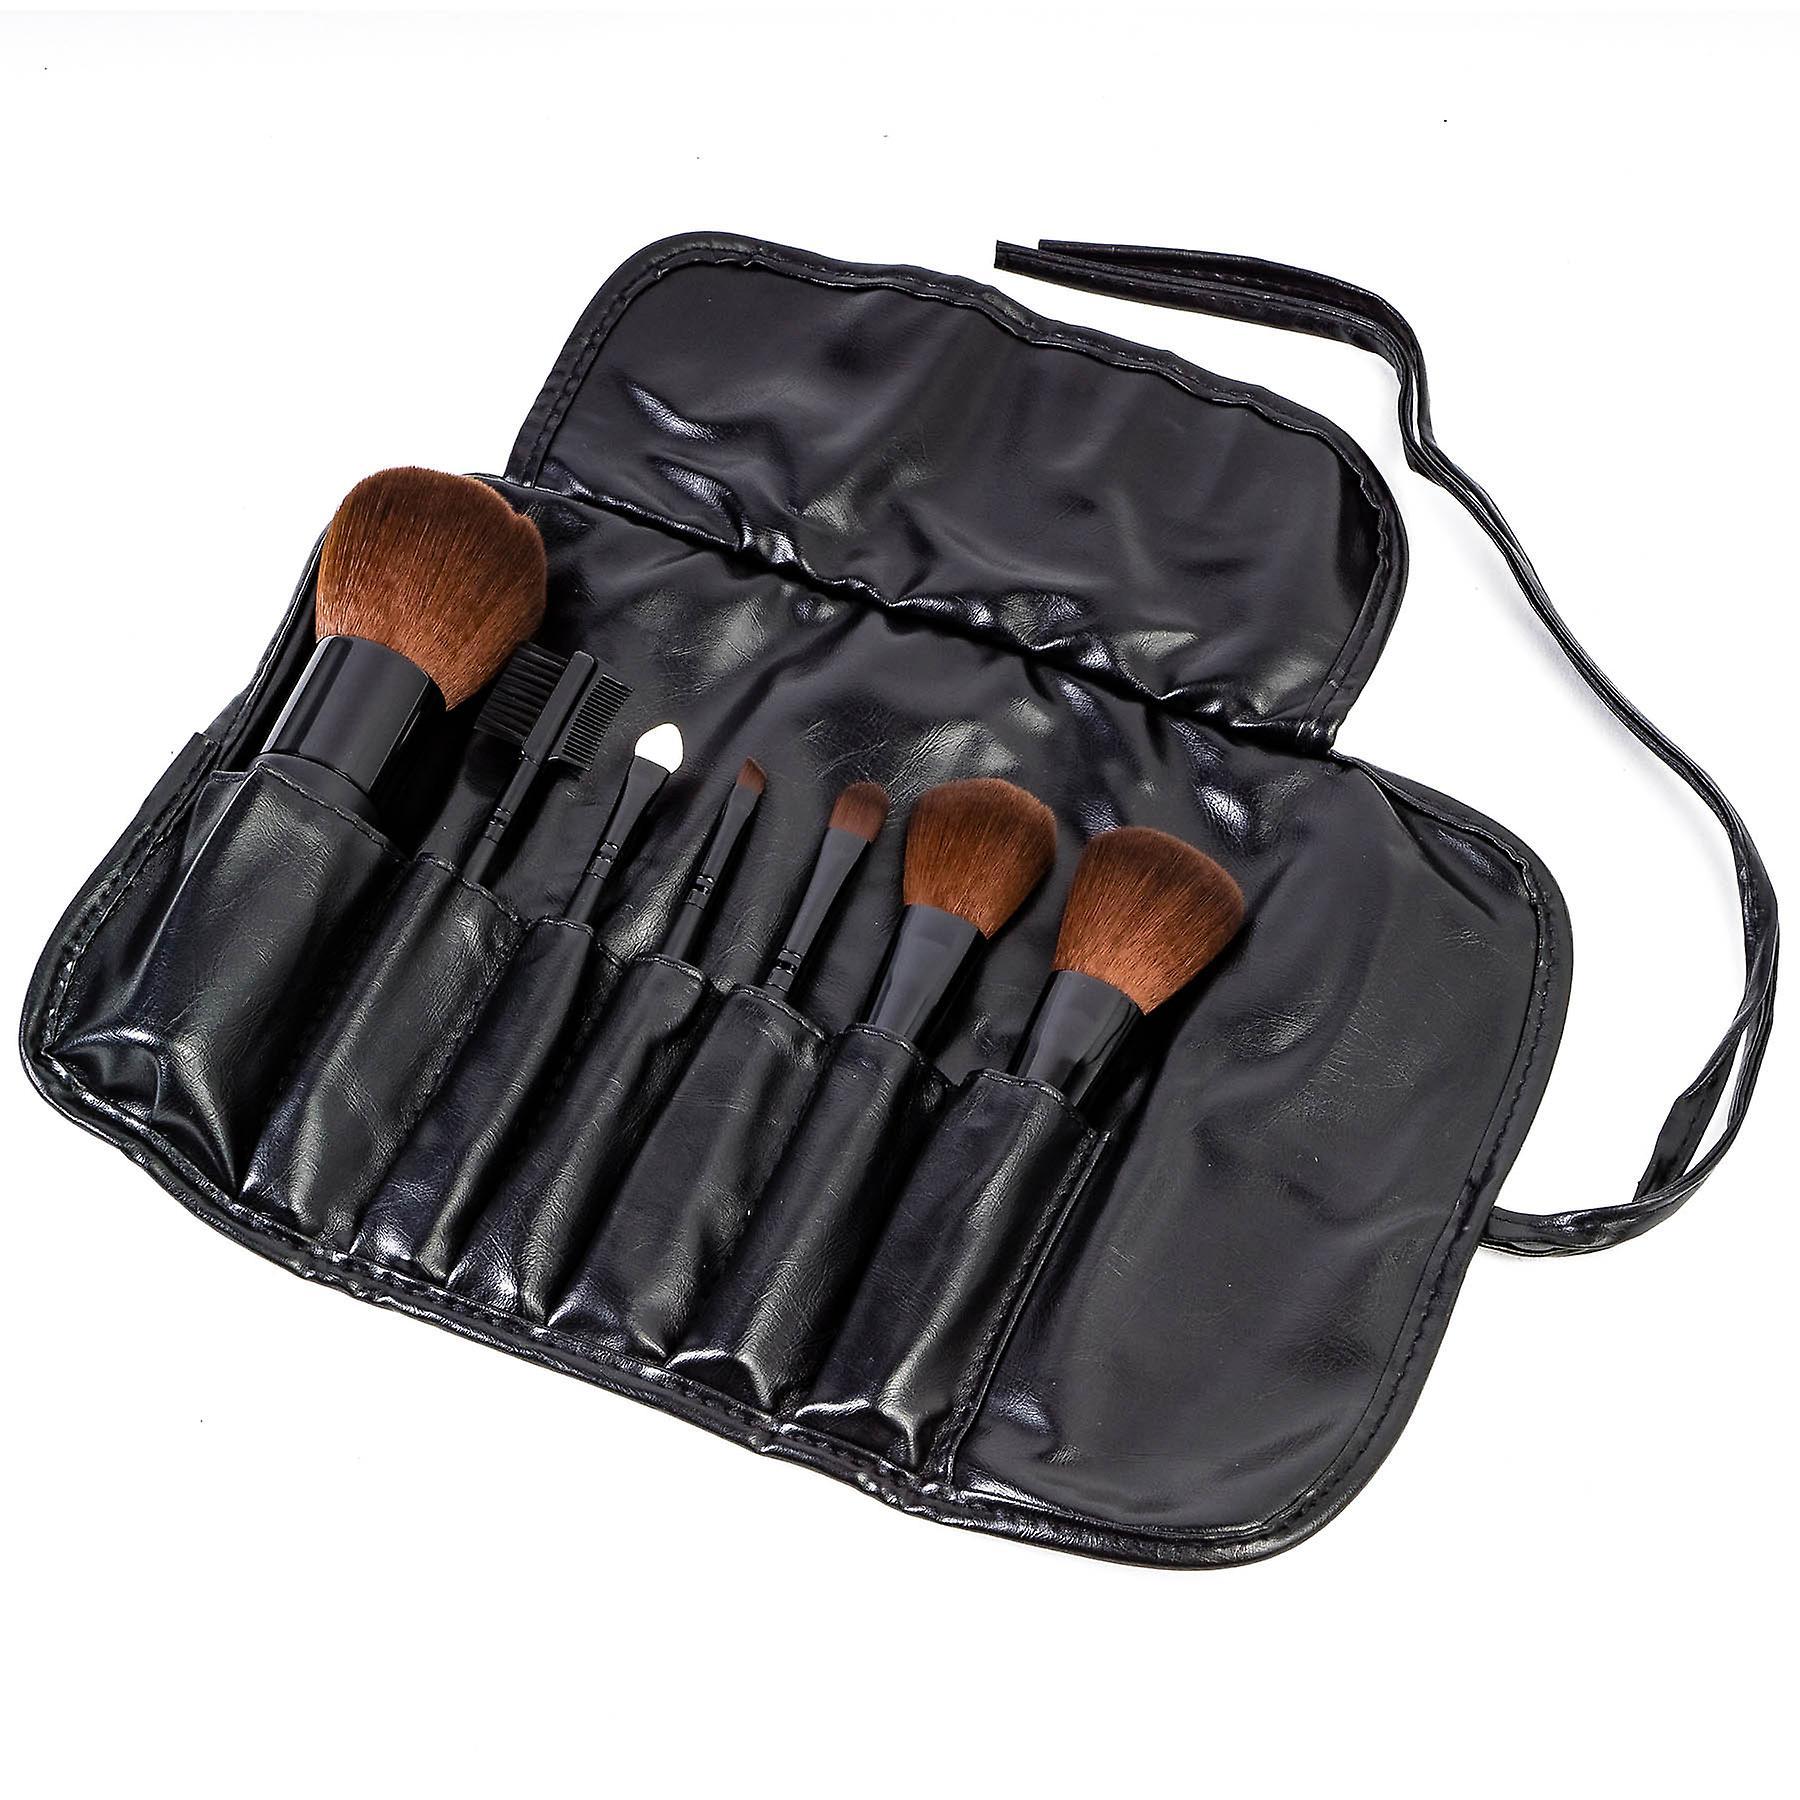 SHANY Studio Quality Auburn Synthetic Bristles Cosmetic Brush Set with Large Kabuki, 7 pc